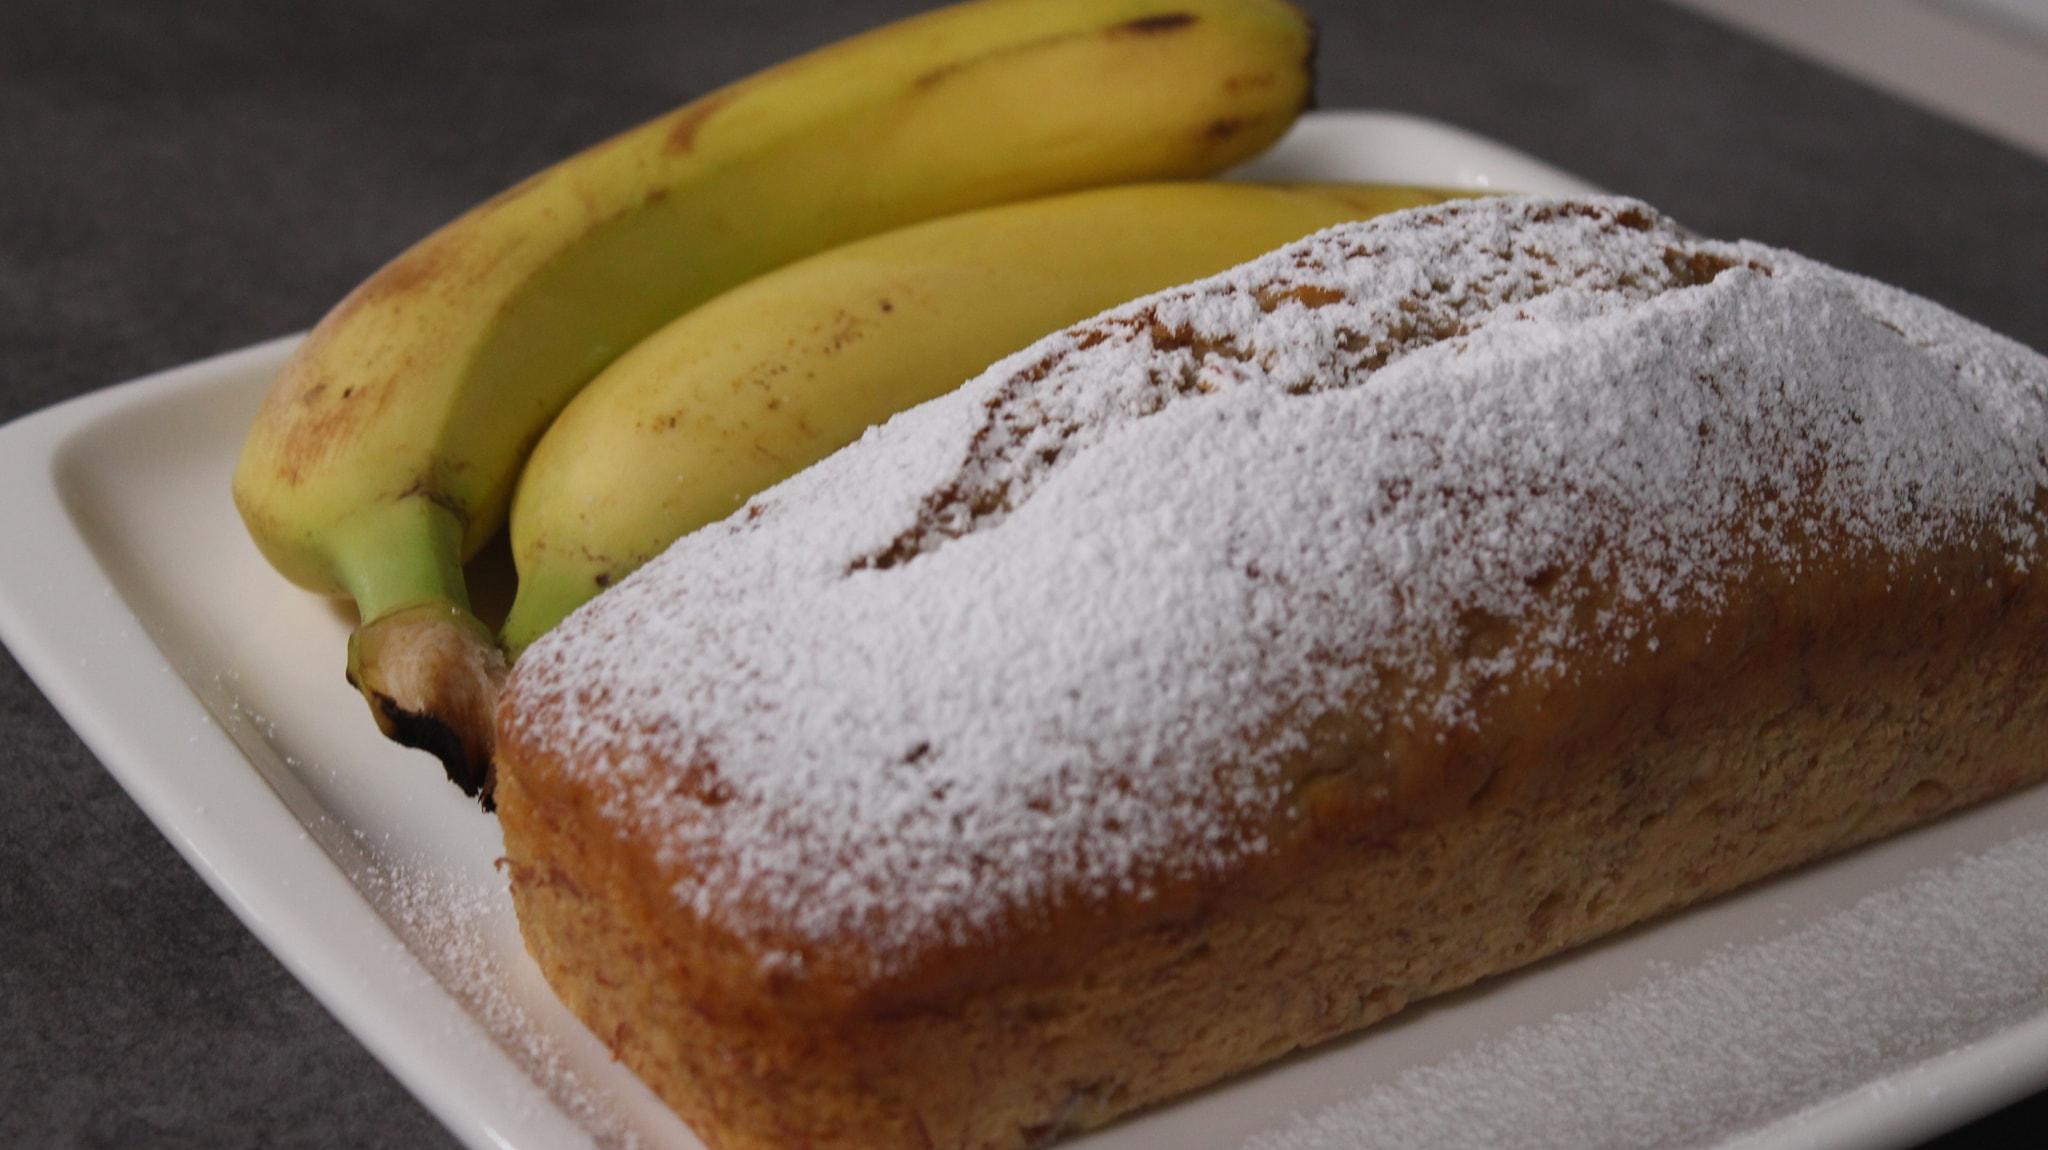 μπανανόψωμο 2